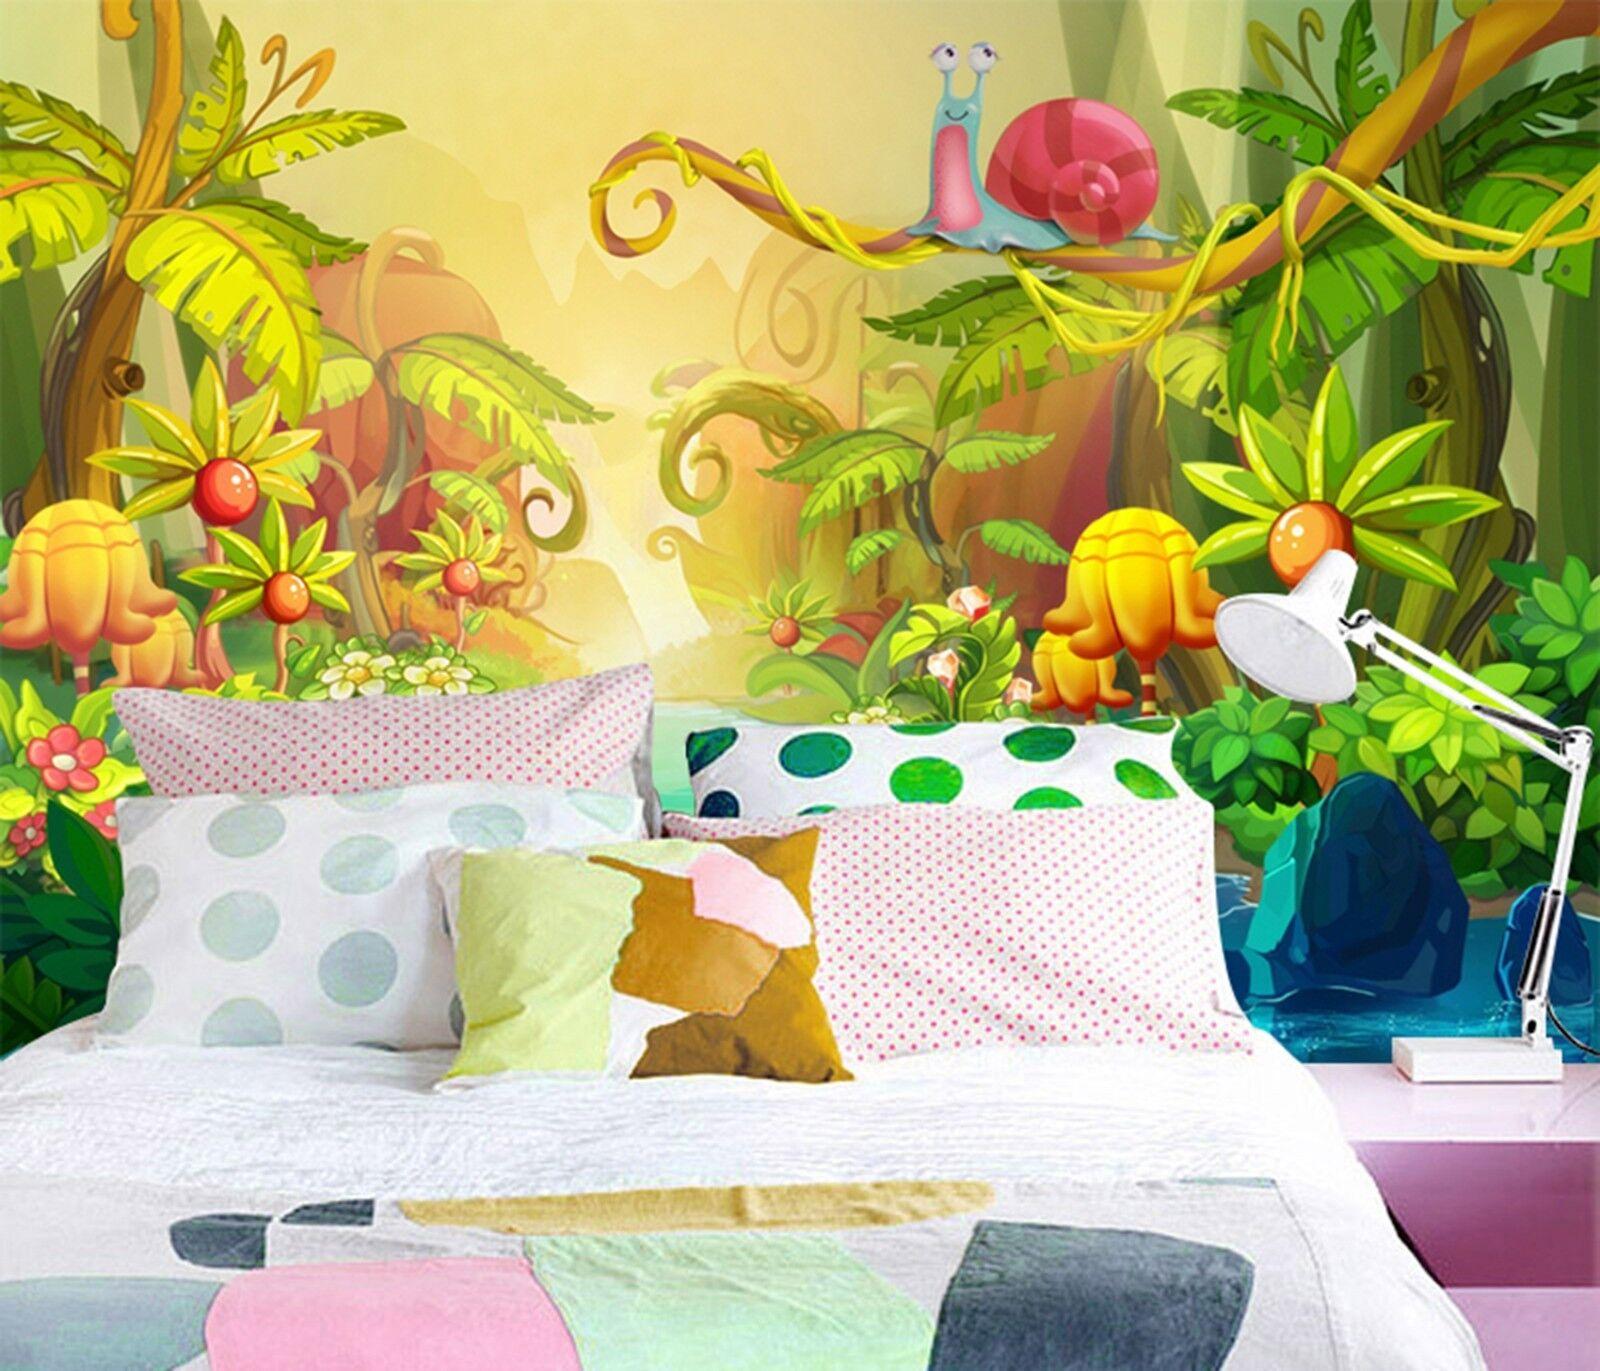 3D Karikatur Karikatur Karikatur Dschungel Kind 988 Tapete Wandgemälde Tapeten Bild Familie DE Lemon | Fairer Preis  | Online-verkauf  | Wir haben von unseren Kunden Lob erhalten.  185909